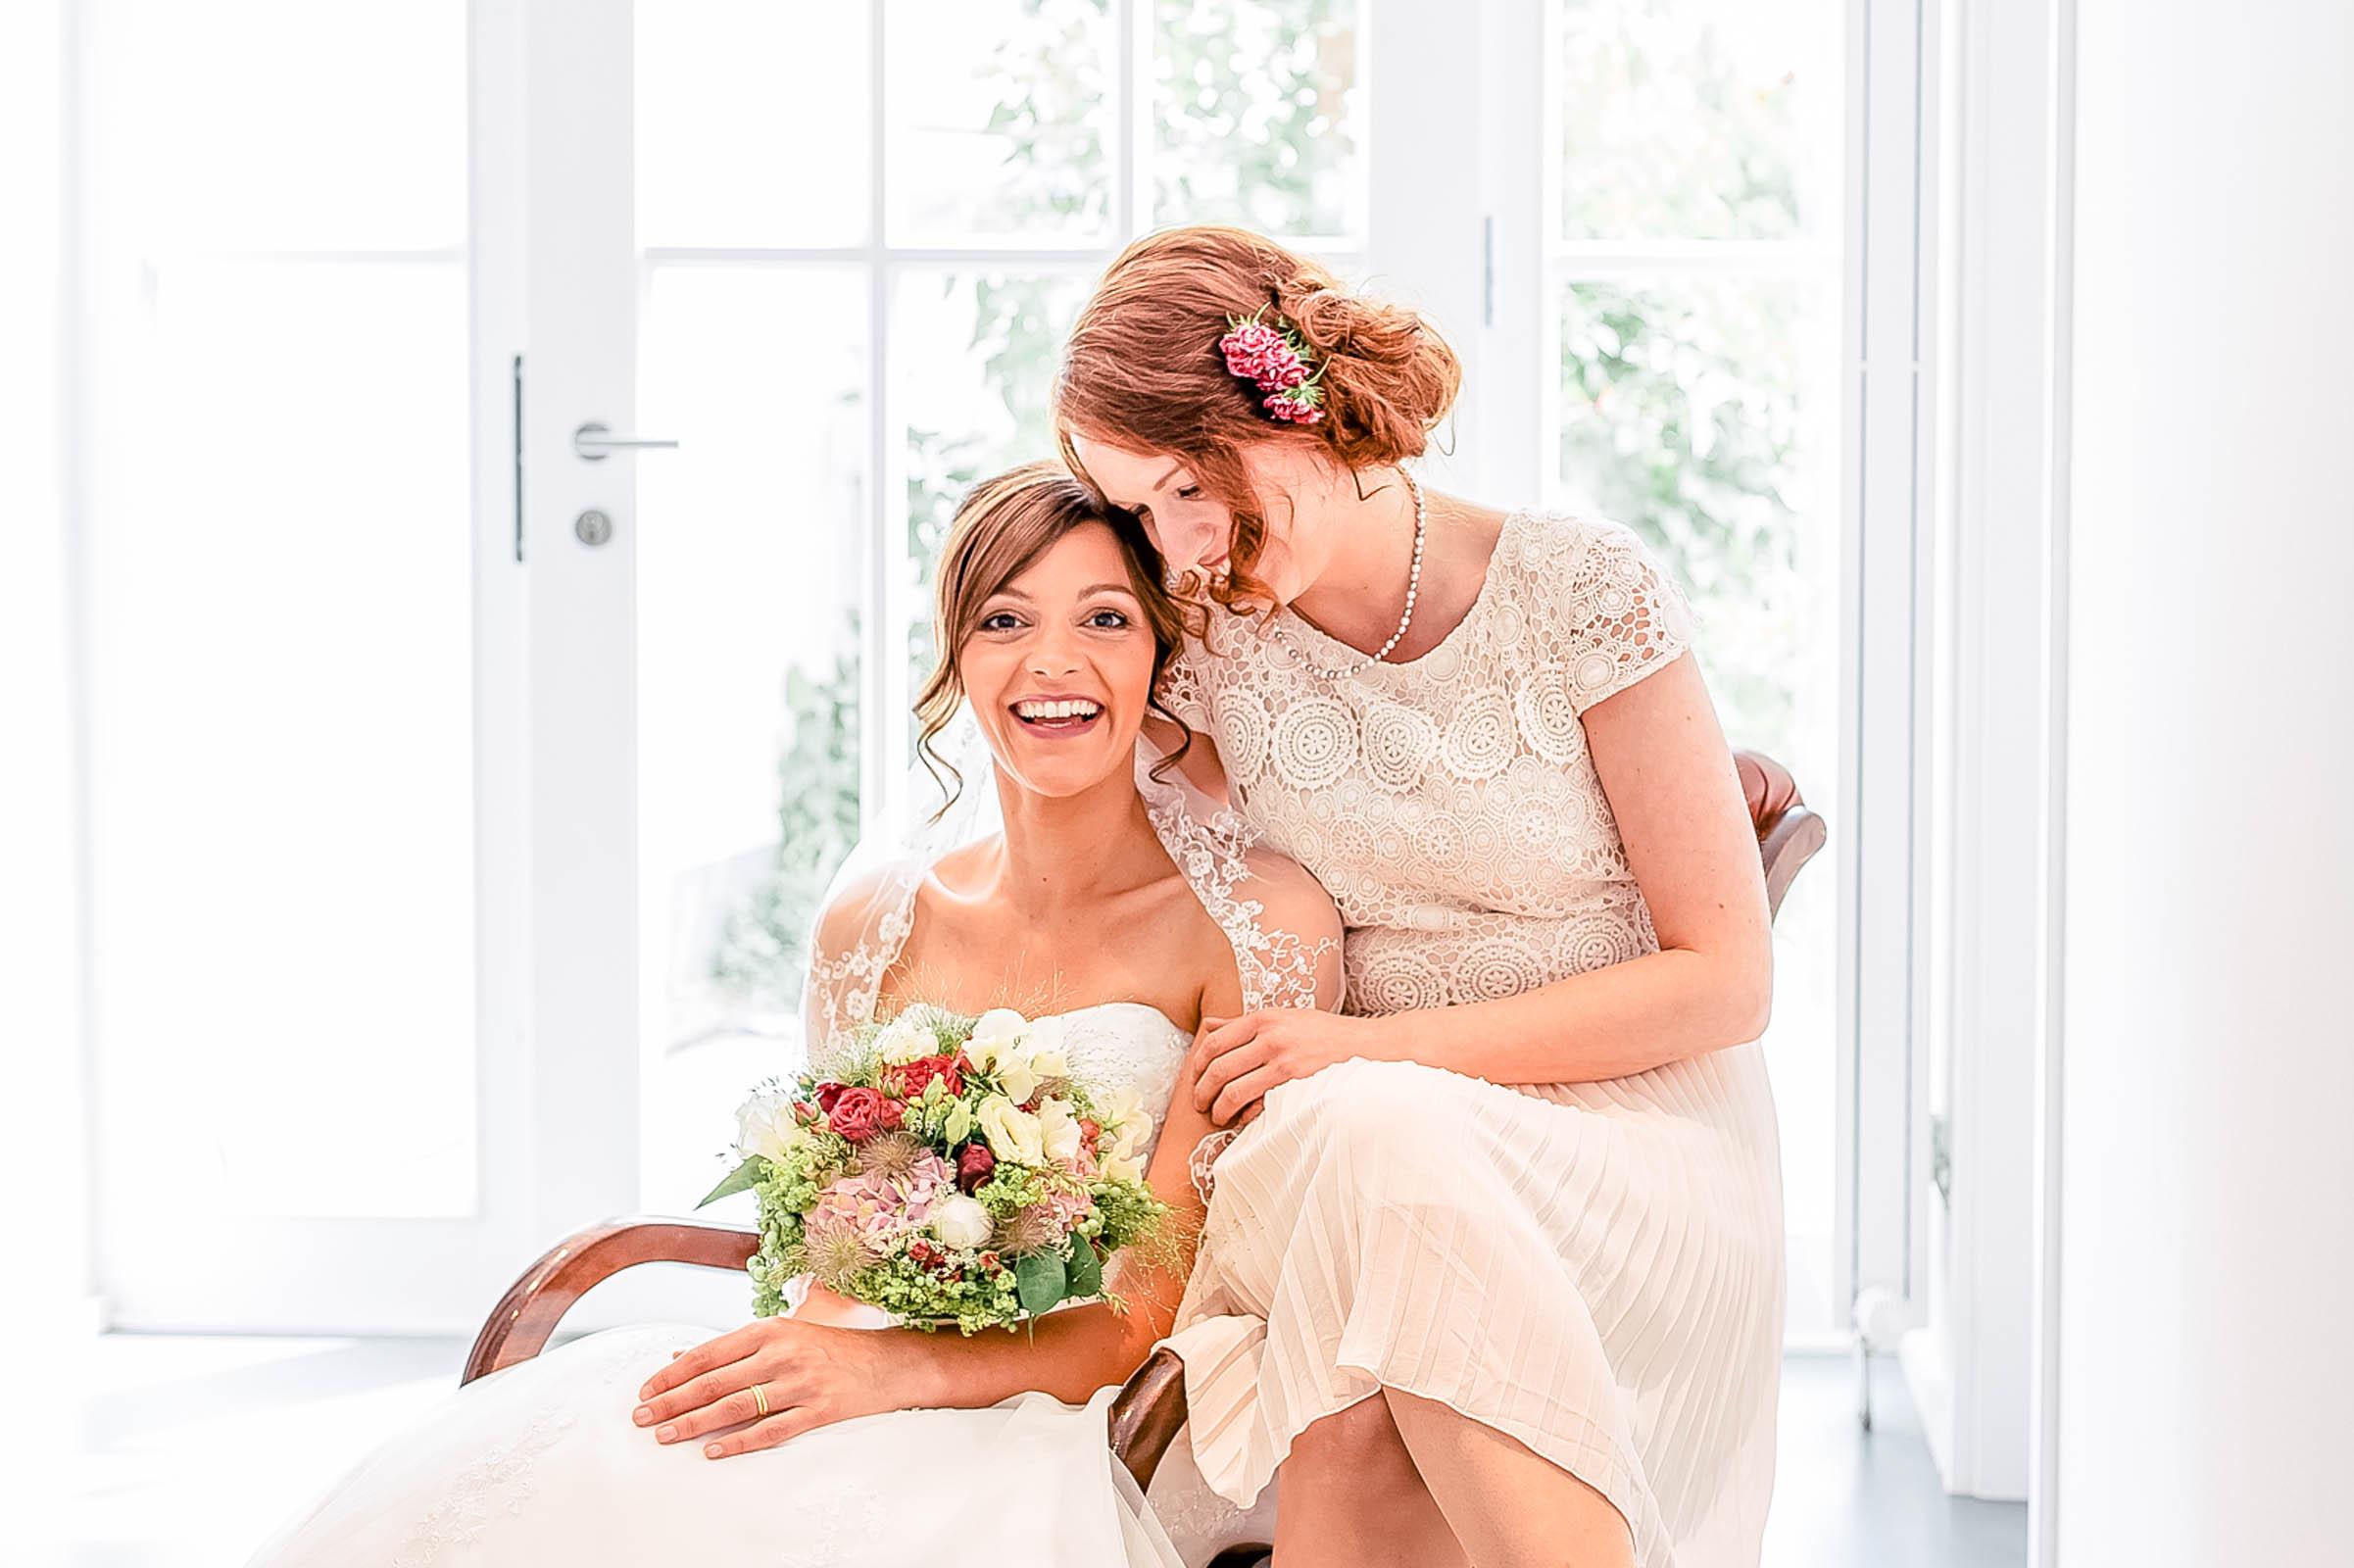 Monstergraphie_Hochzeitsreportage_Siegen-25.jpg?fit=2402%2C1600